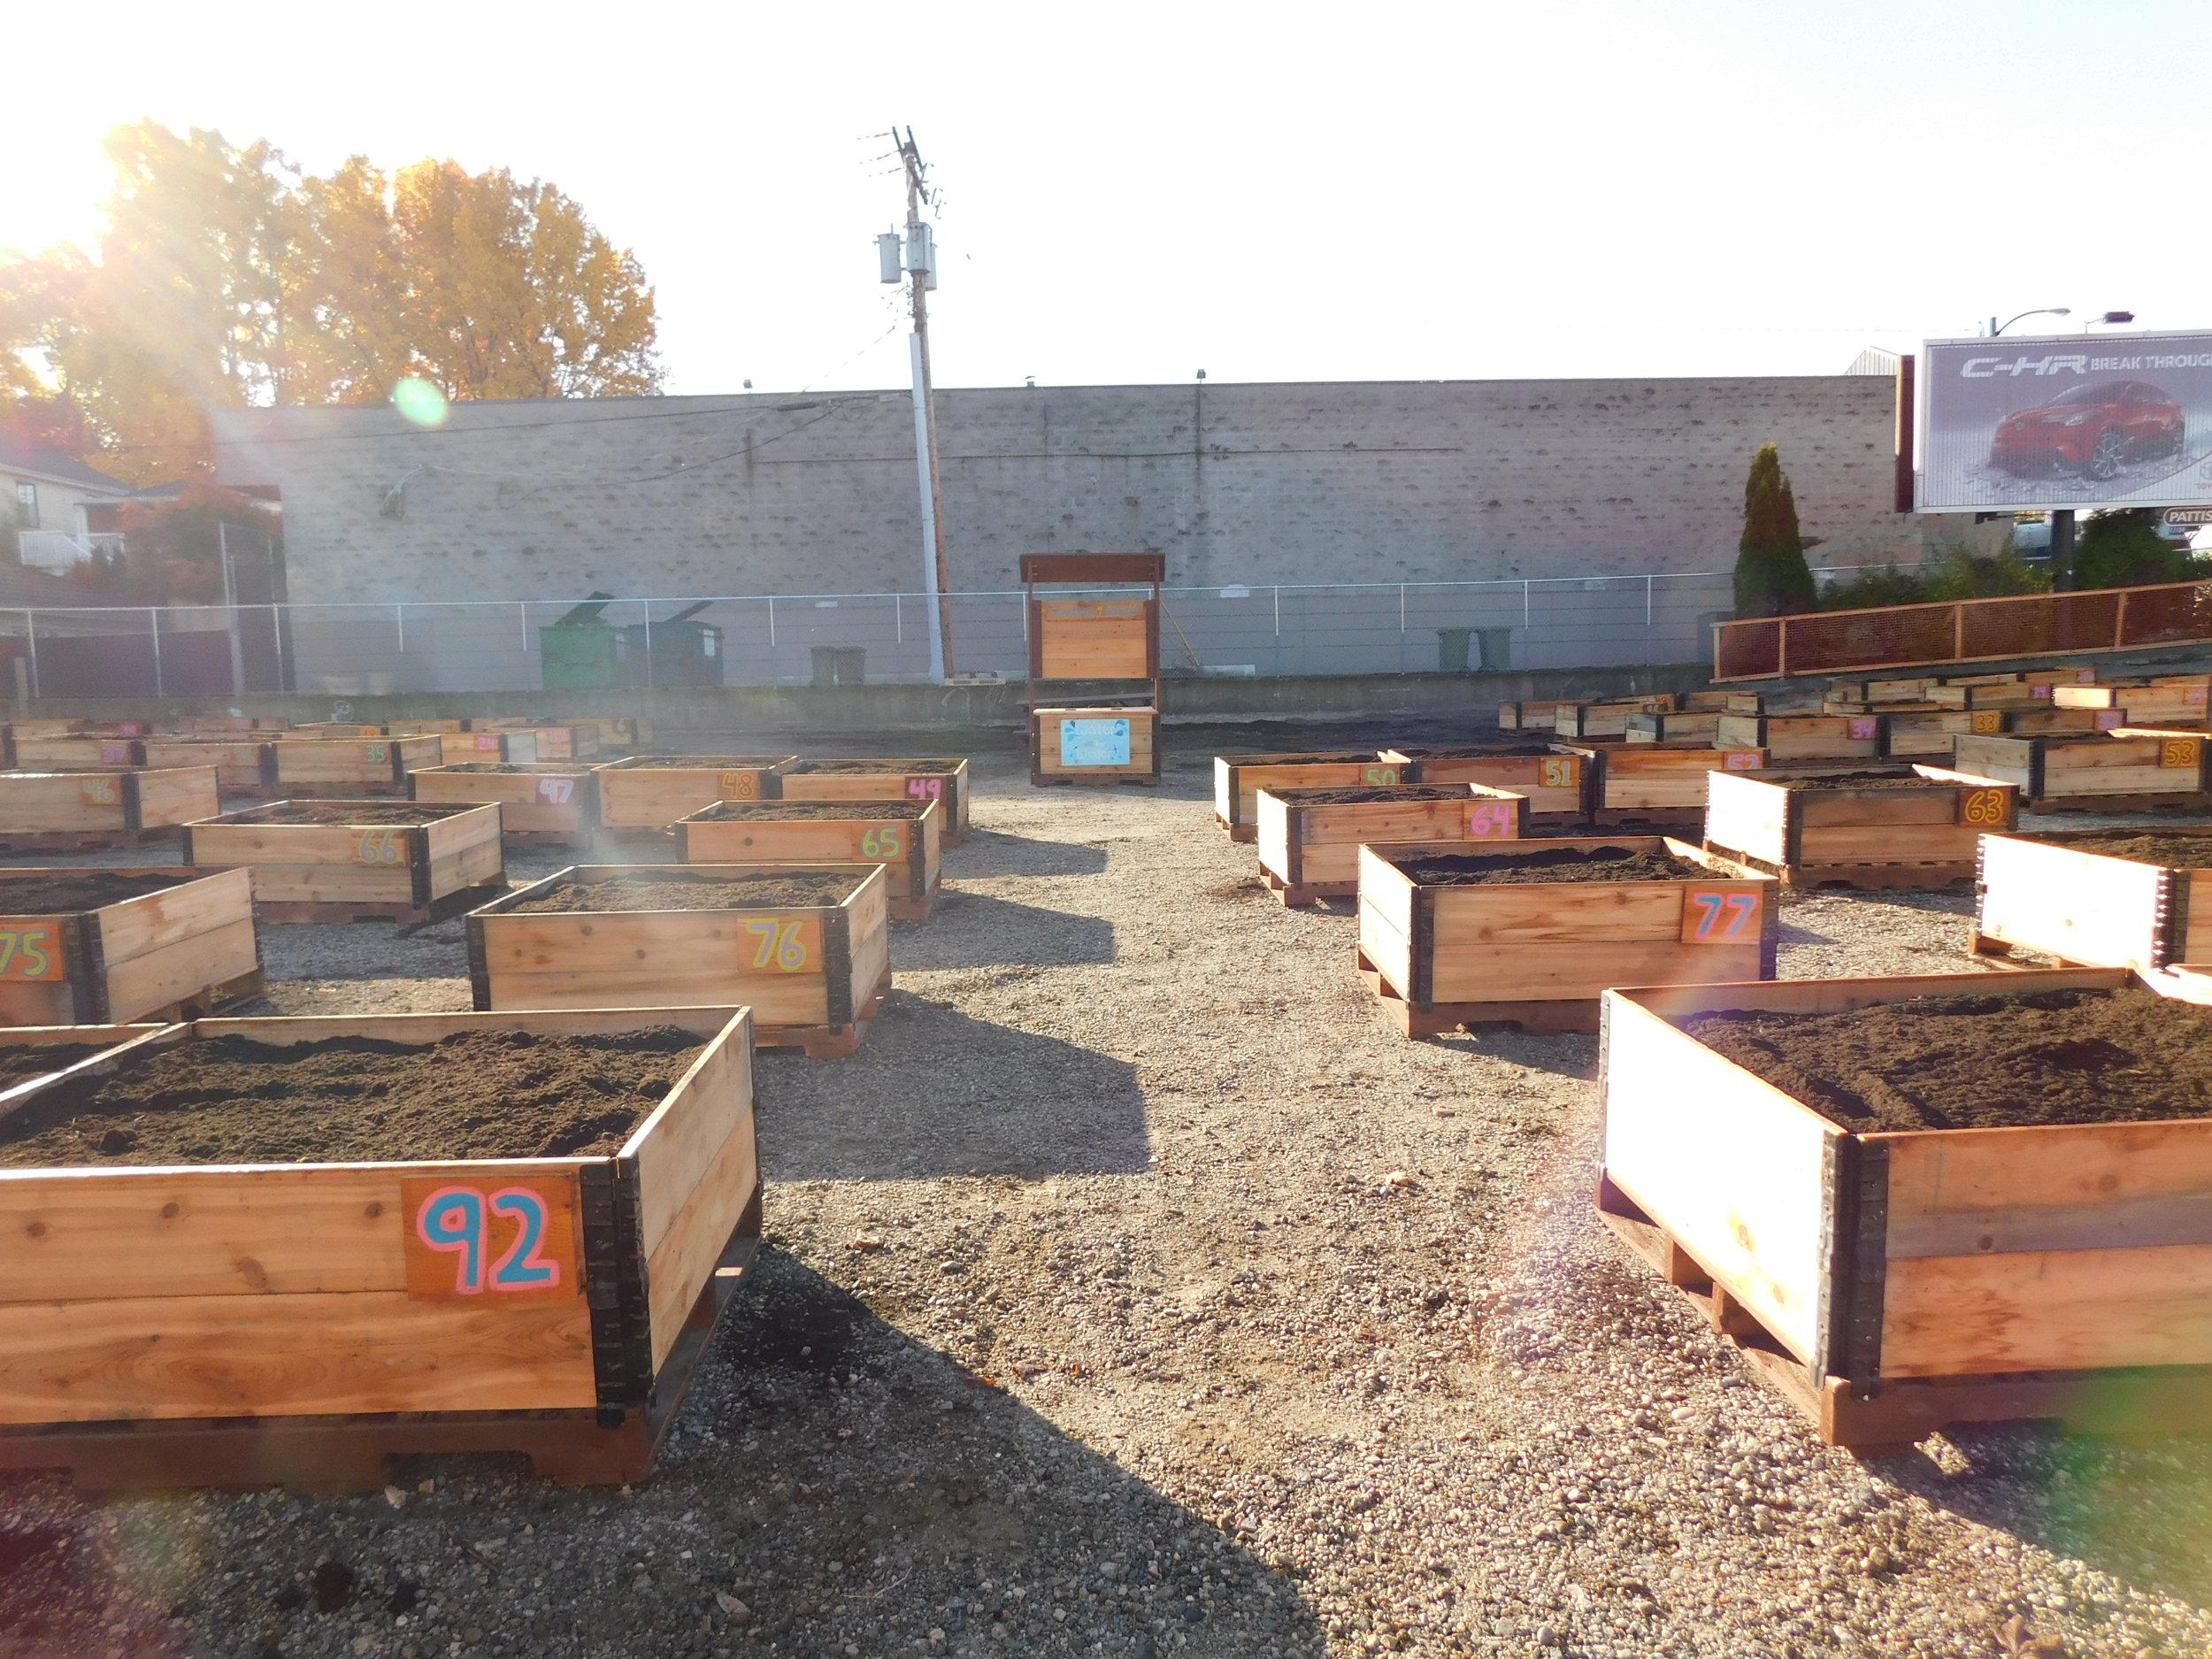 Broadway_Alma_Vancouver_Community_Garden_Builders-0010.JPG